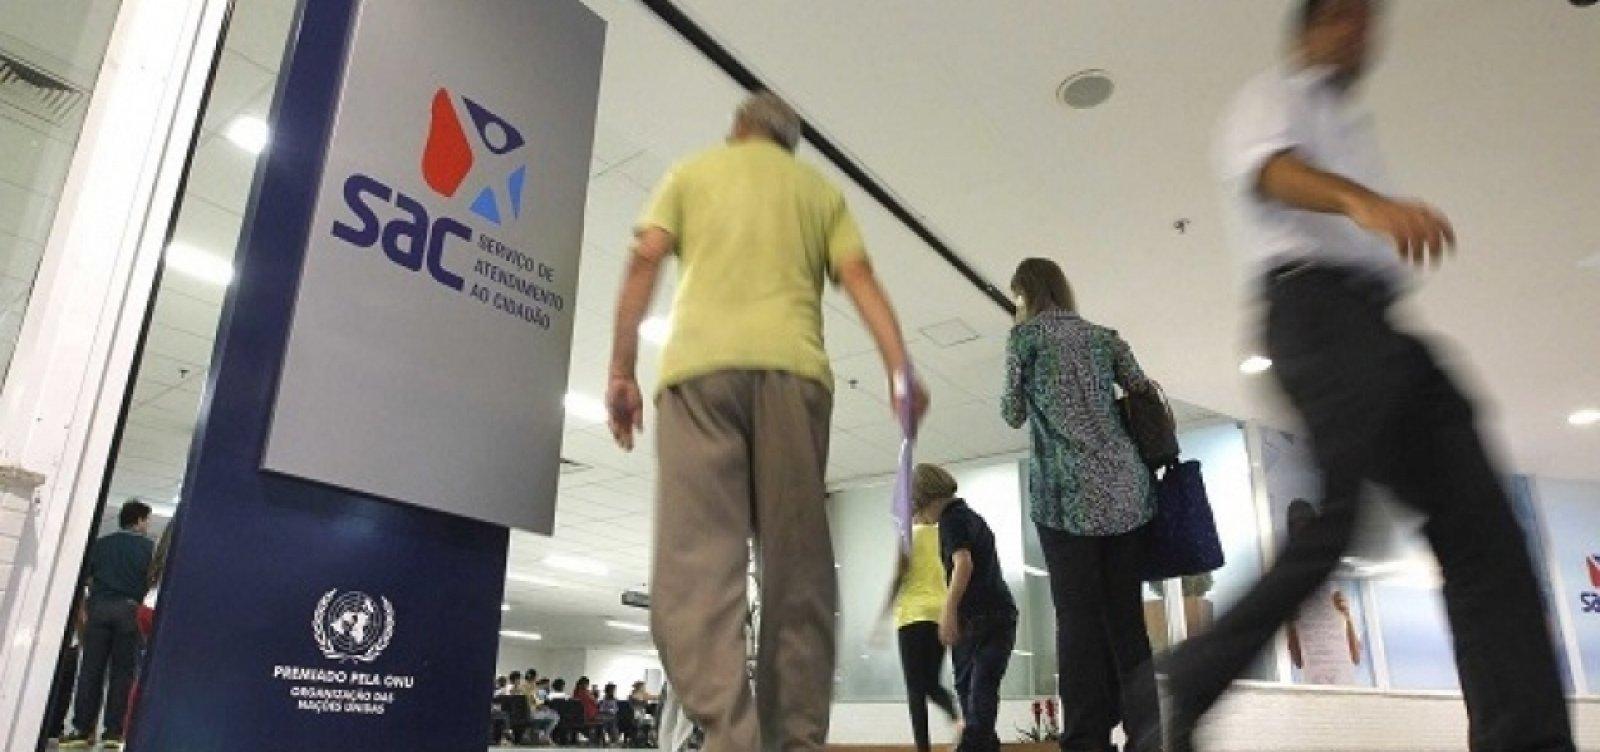 Unidades do SAC não vão abrir na Bahia em feriado de Proclamação da República